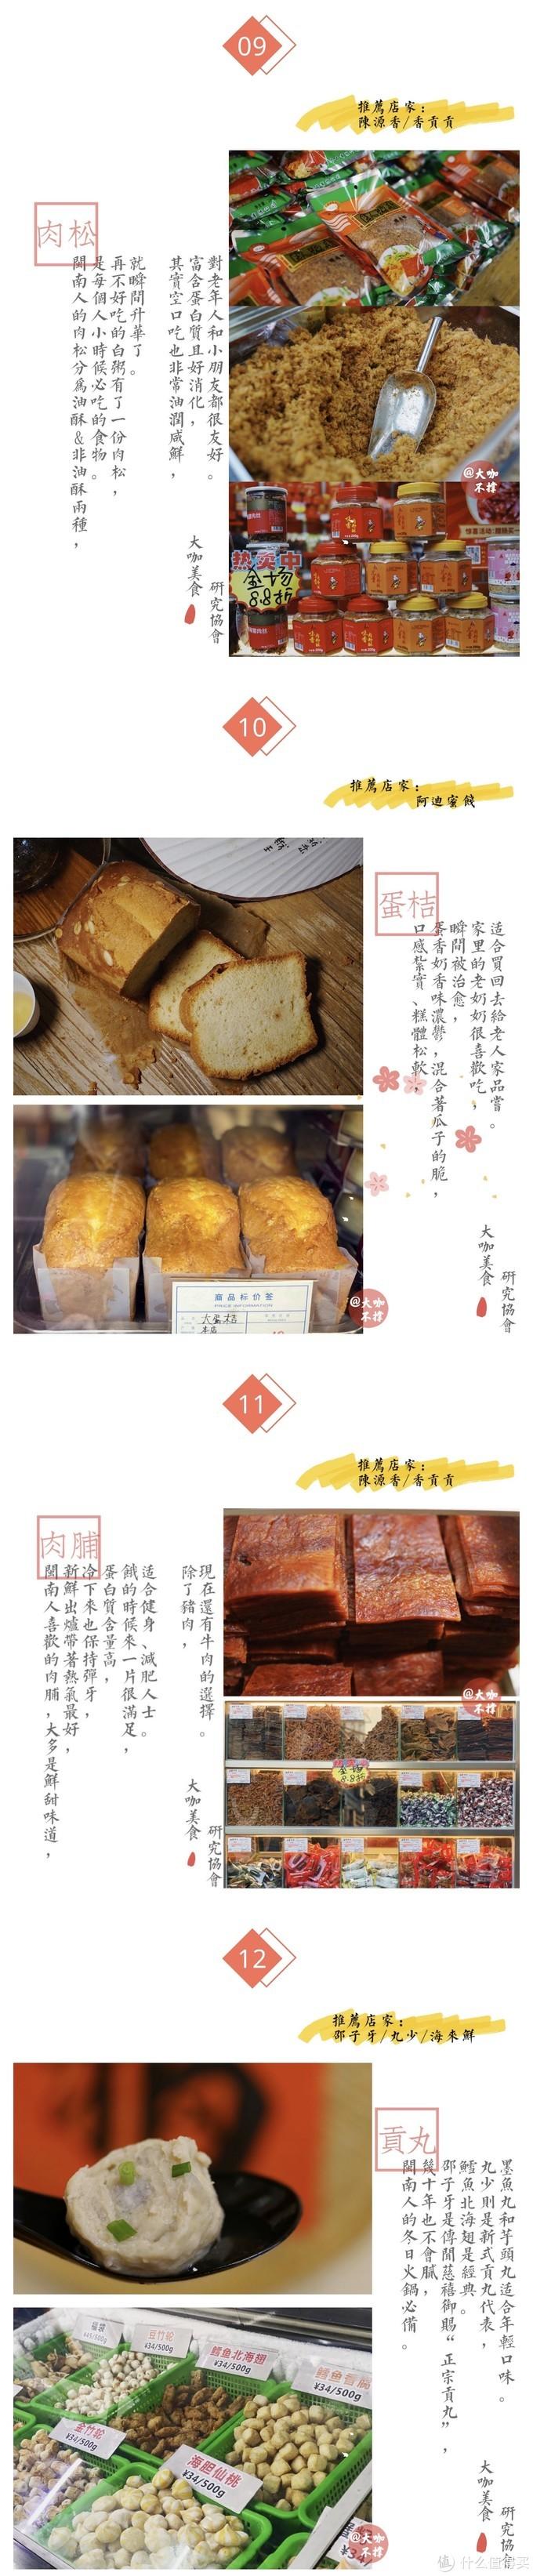 重温近「50家」传统老店,精选出「32样」闽南古早味年货&伴手礼!